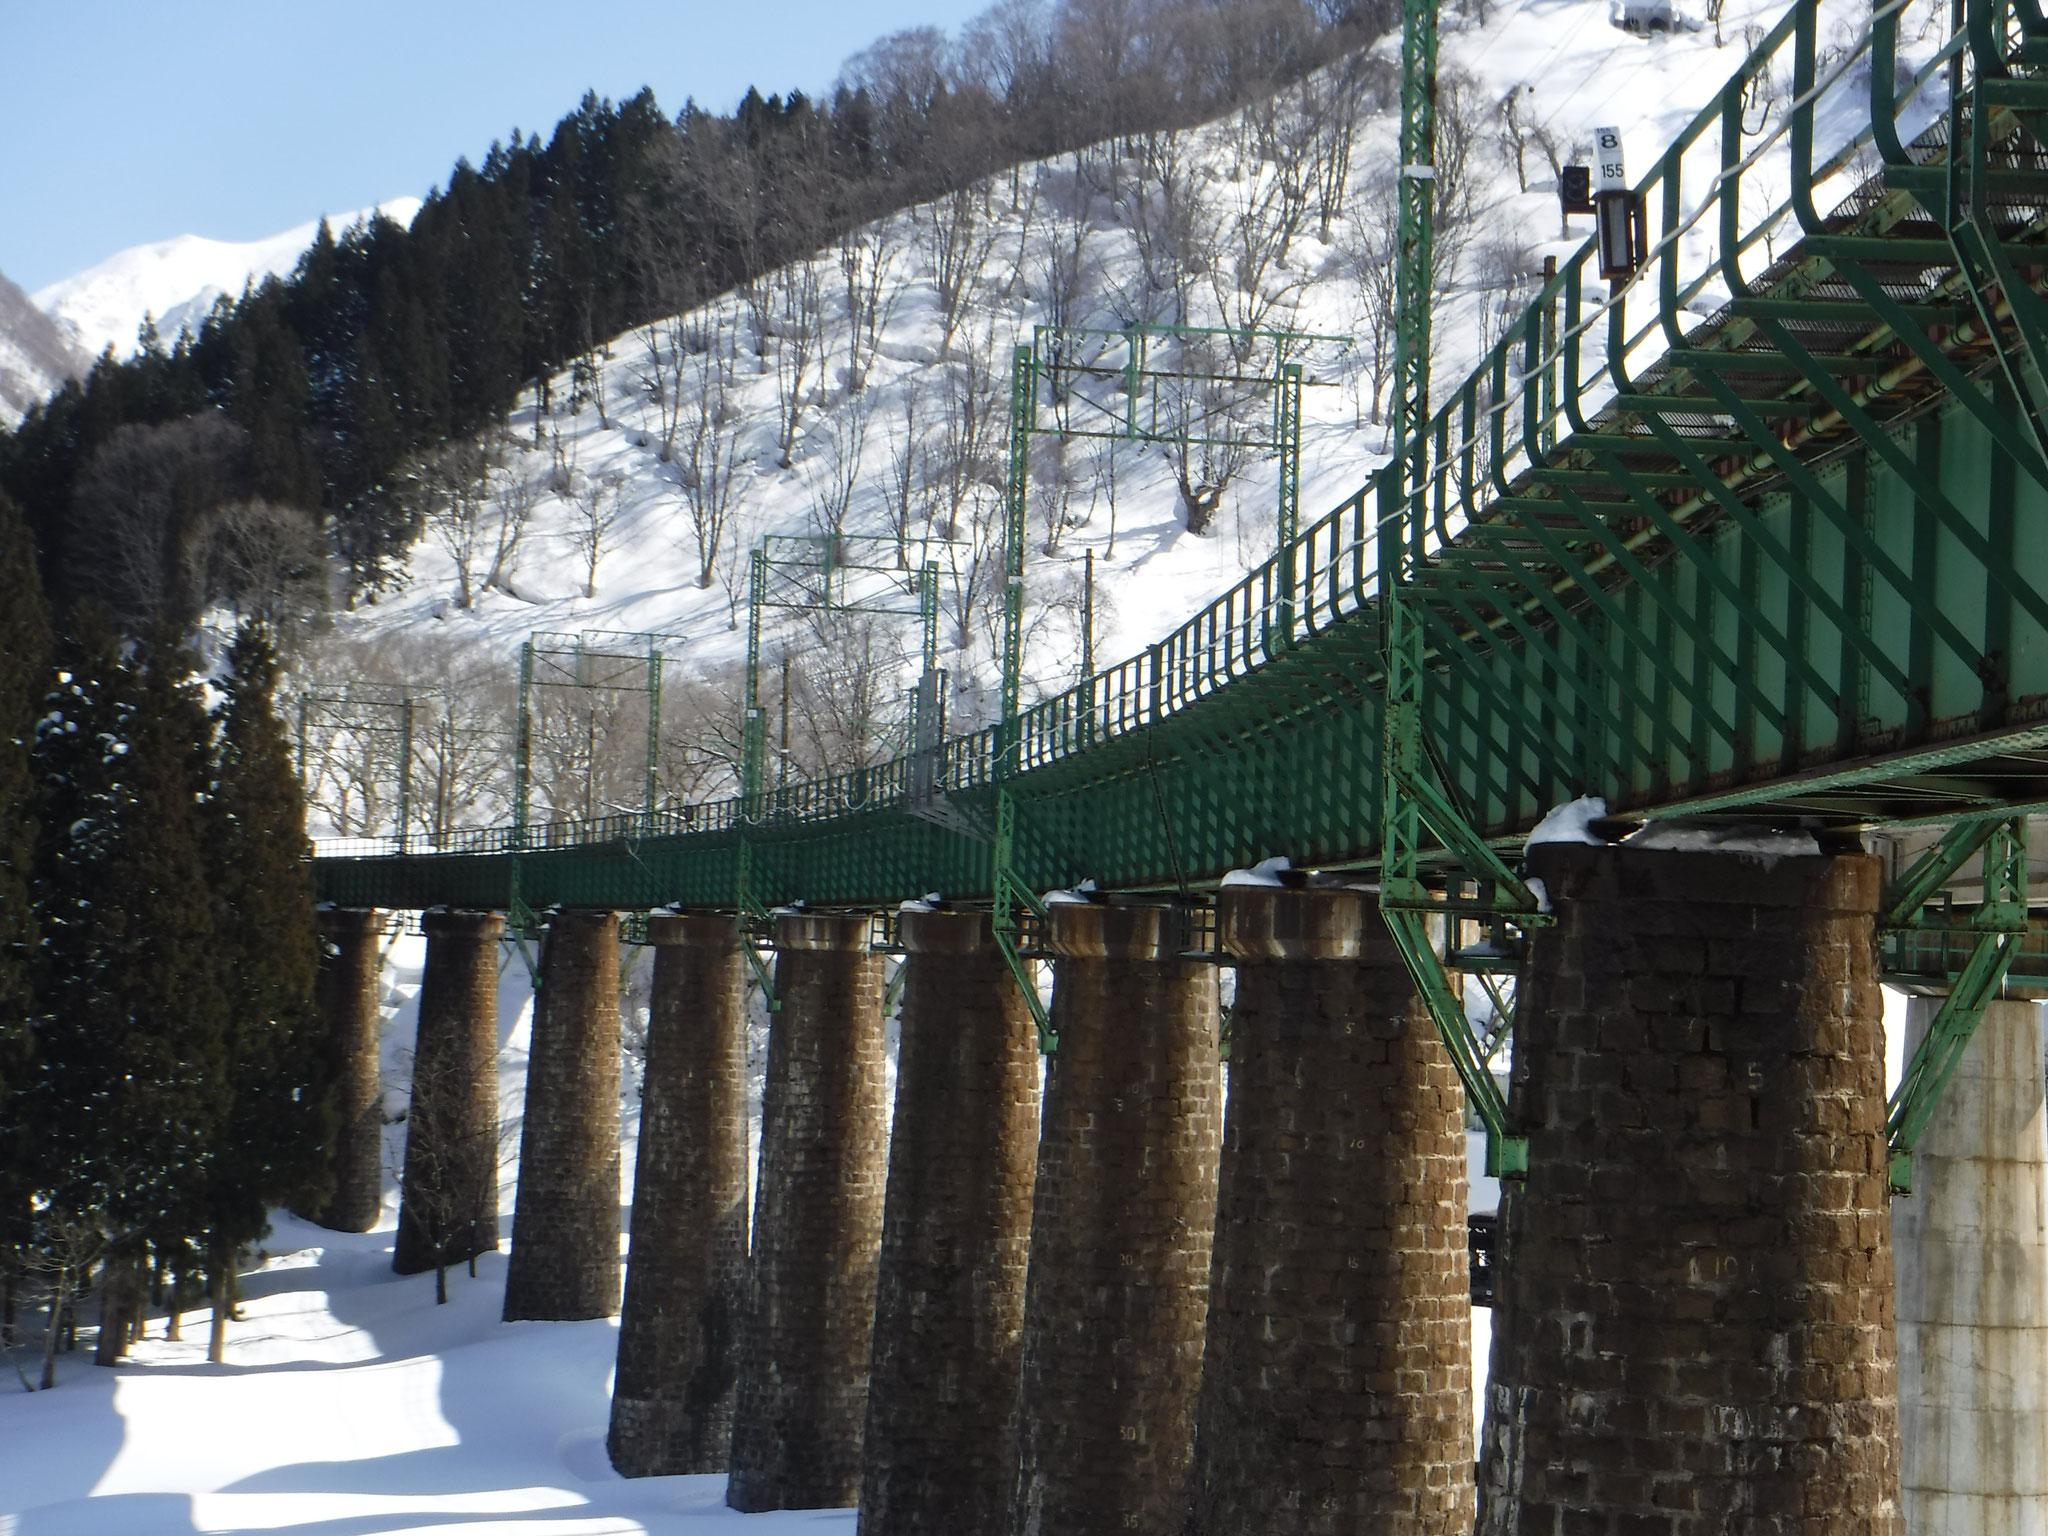 12:30 ここまで来れば、車を置いた毛渡沢橋まですぐ